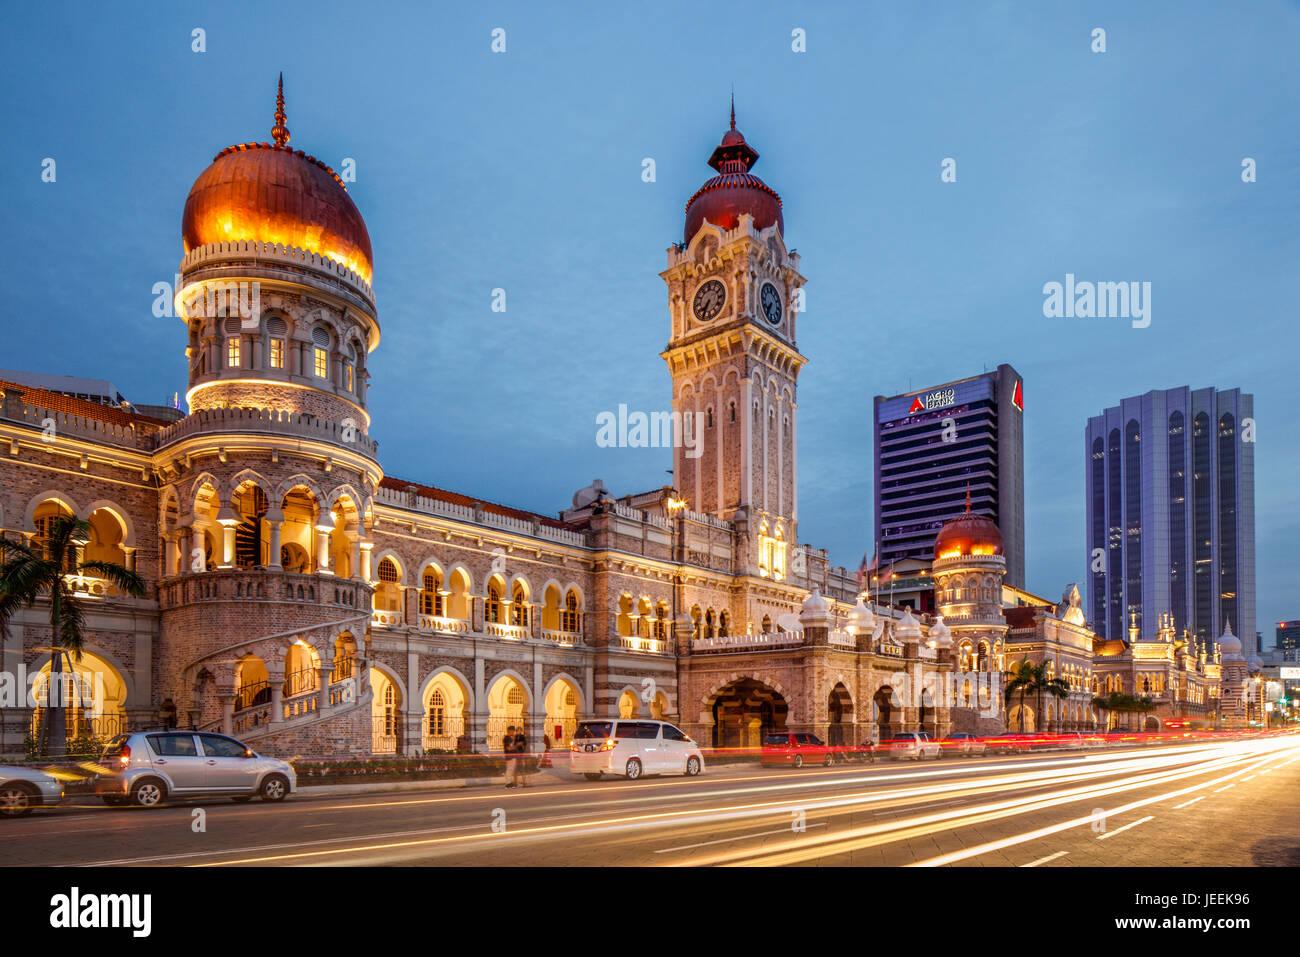 Das Sultan Abdul Samad Gebäude, Kuala Lumpur, Malaysia. Stockbild